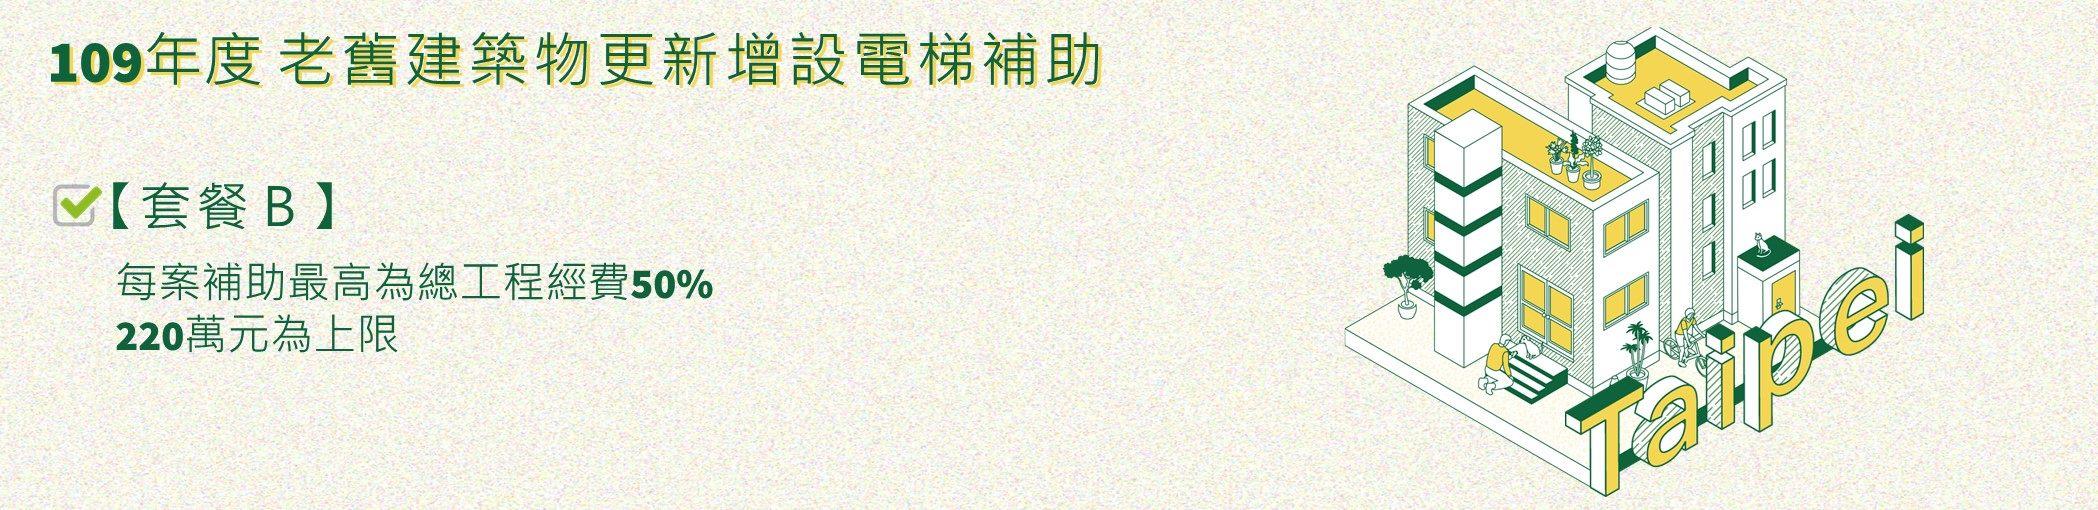 109年度臺北市協助老舊建築物更新增設電梯補助申請專區